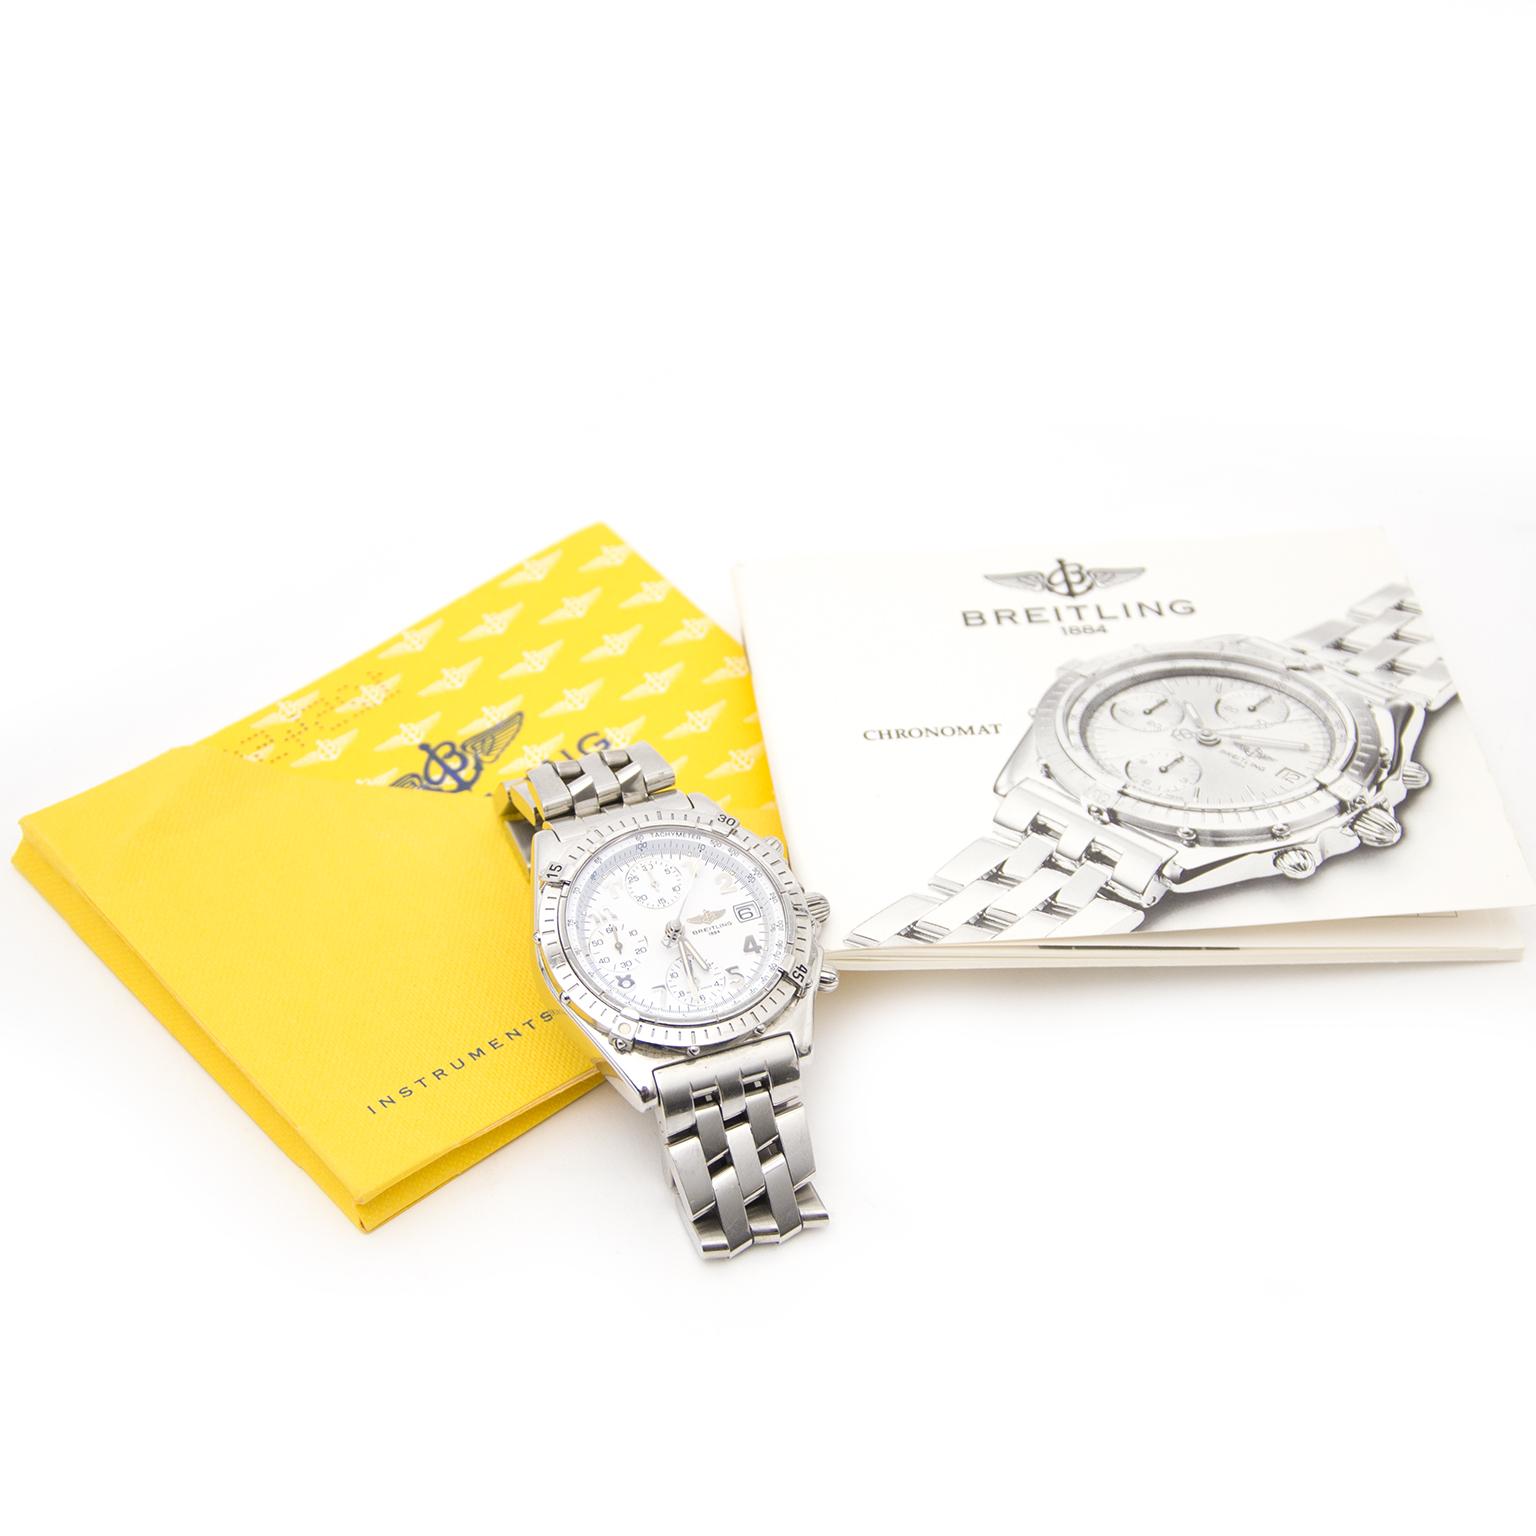 koop online aan de beste prijs jou tweedehands Cartier Roadster Men's Watch